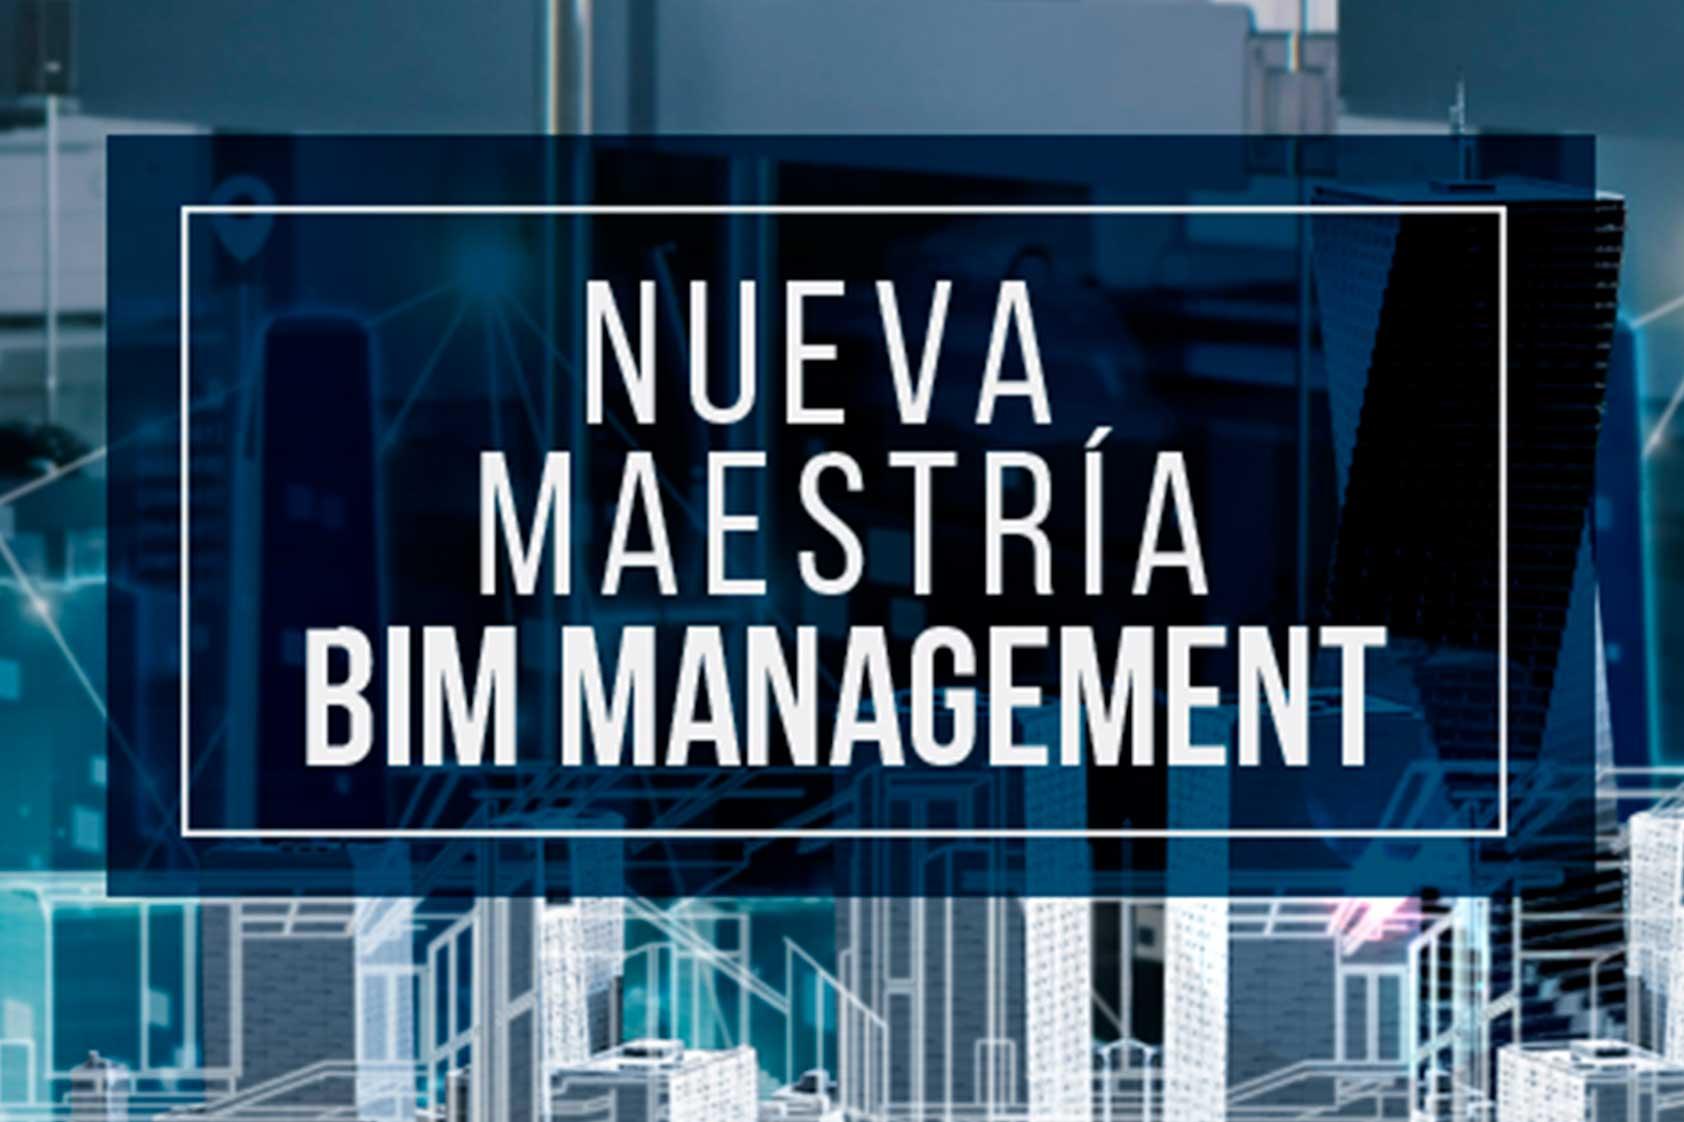 Maestría en Modelado y Gestión de Proyectos de Construcción BIM Management – Nuevo Programa